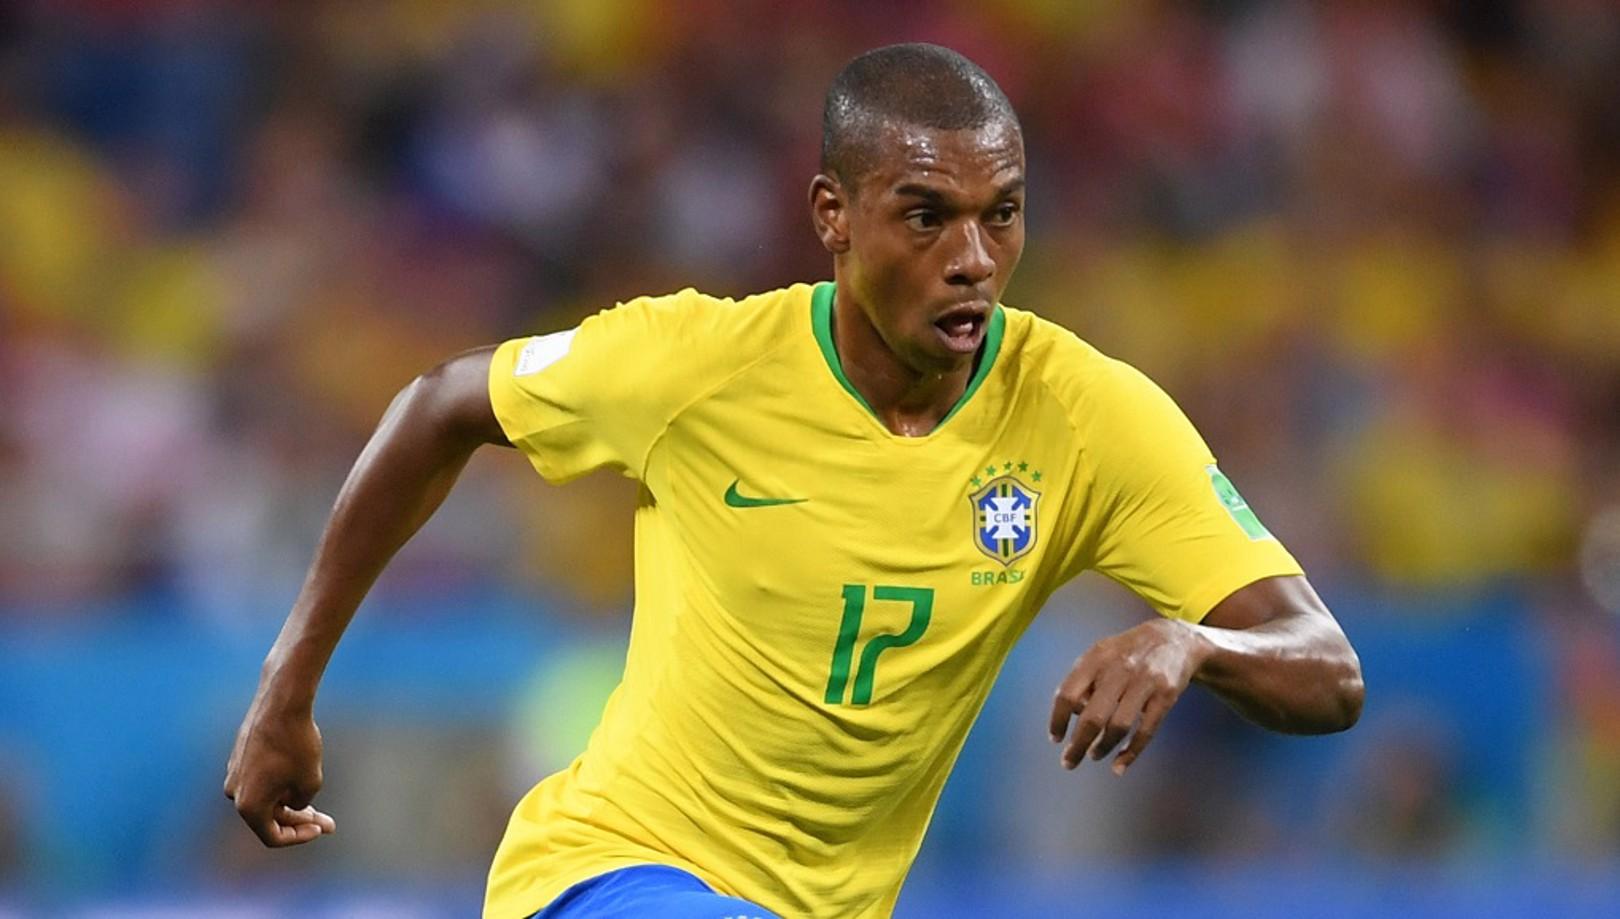 브라질 대표팀에 승선한 페르난지뉴